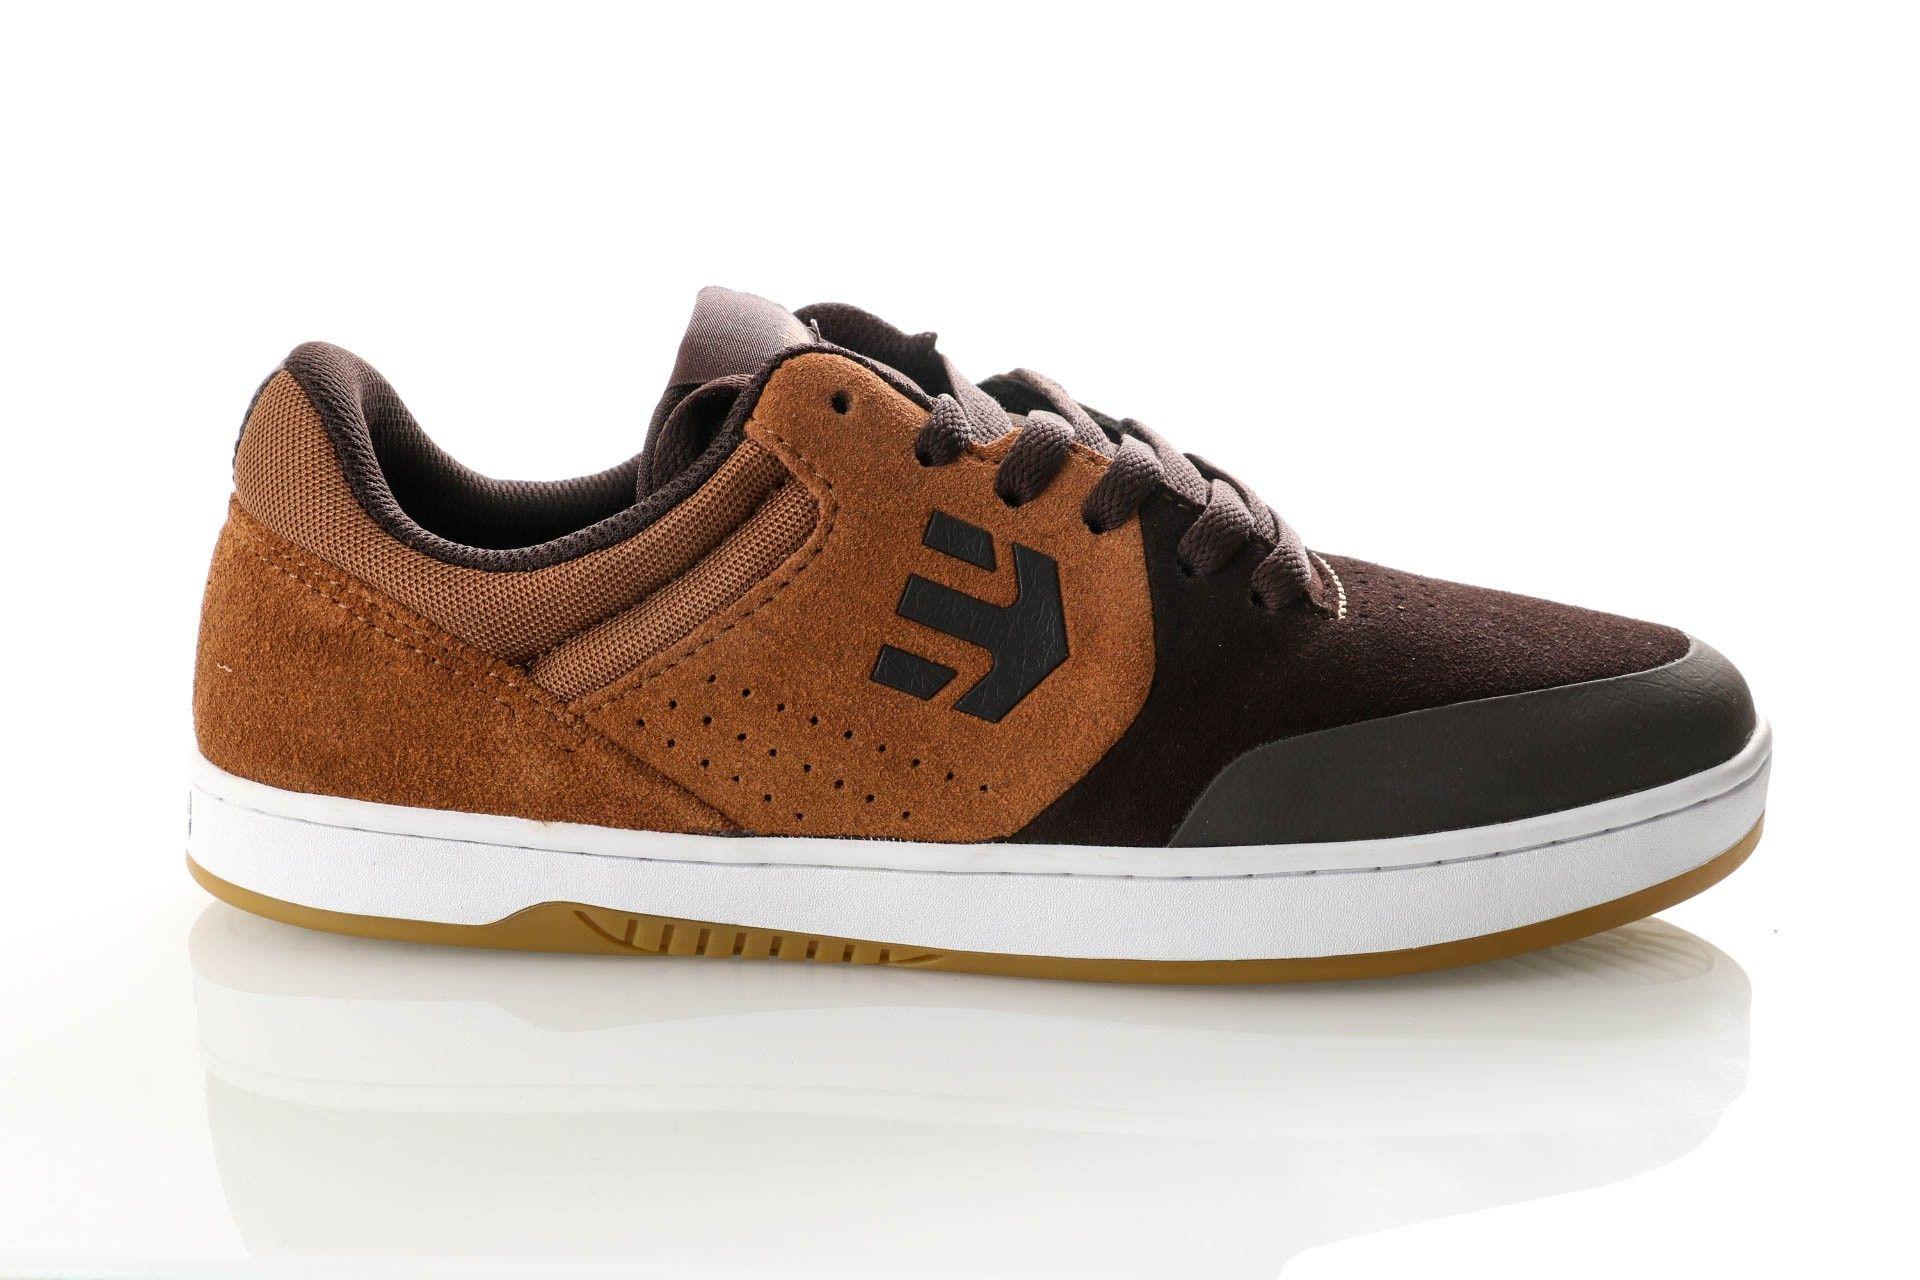 Afbeelding van Etnies Marana 4101000403 Sneakers Brown/Tan